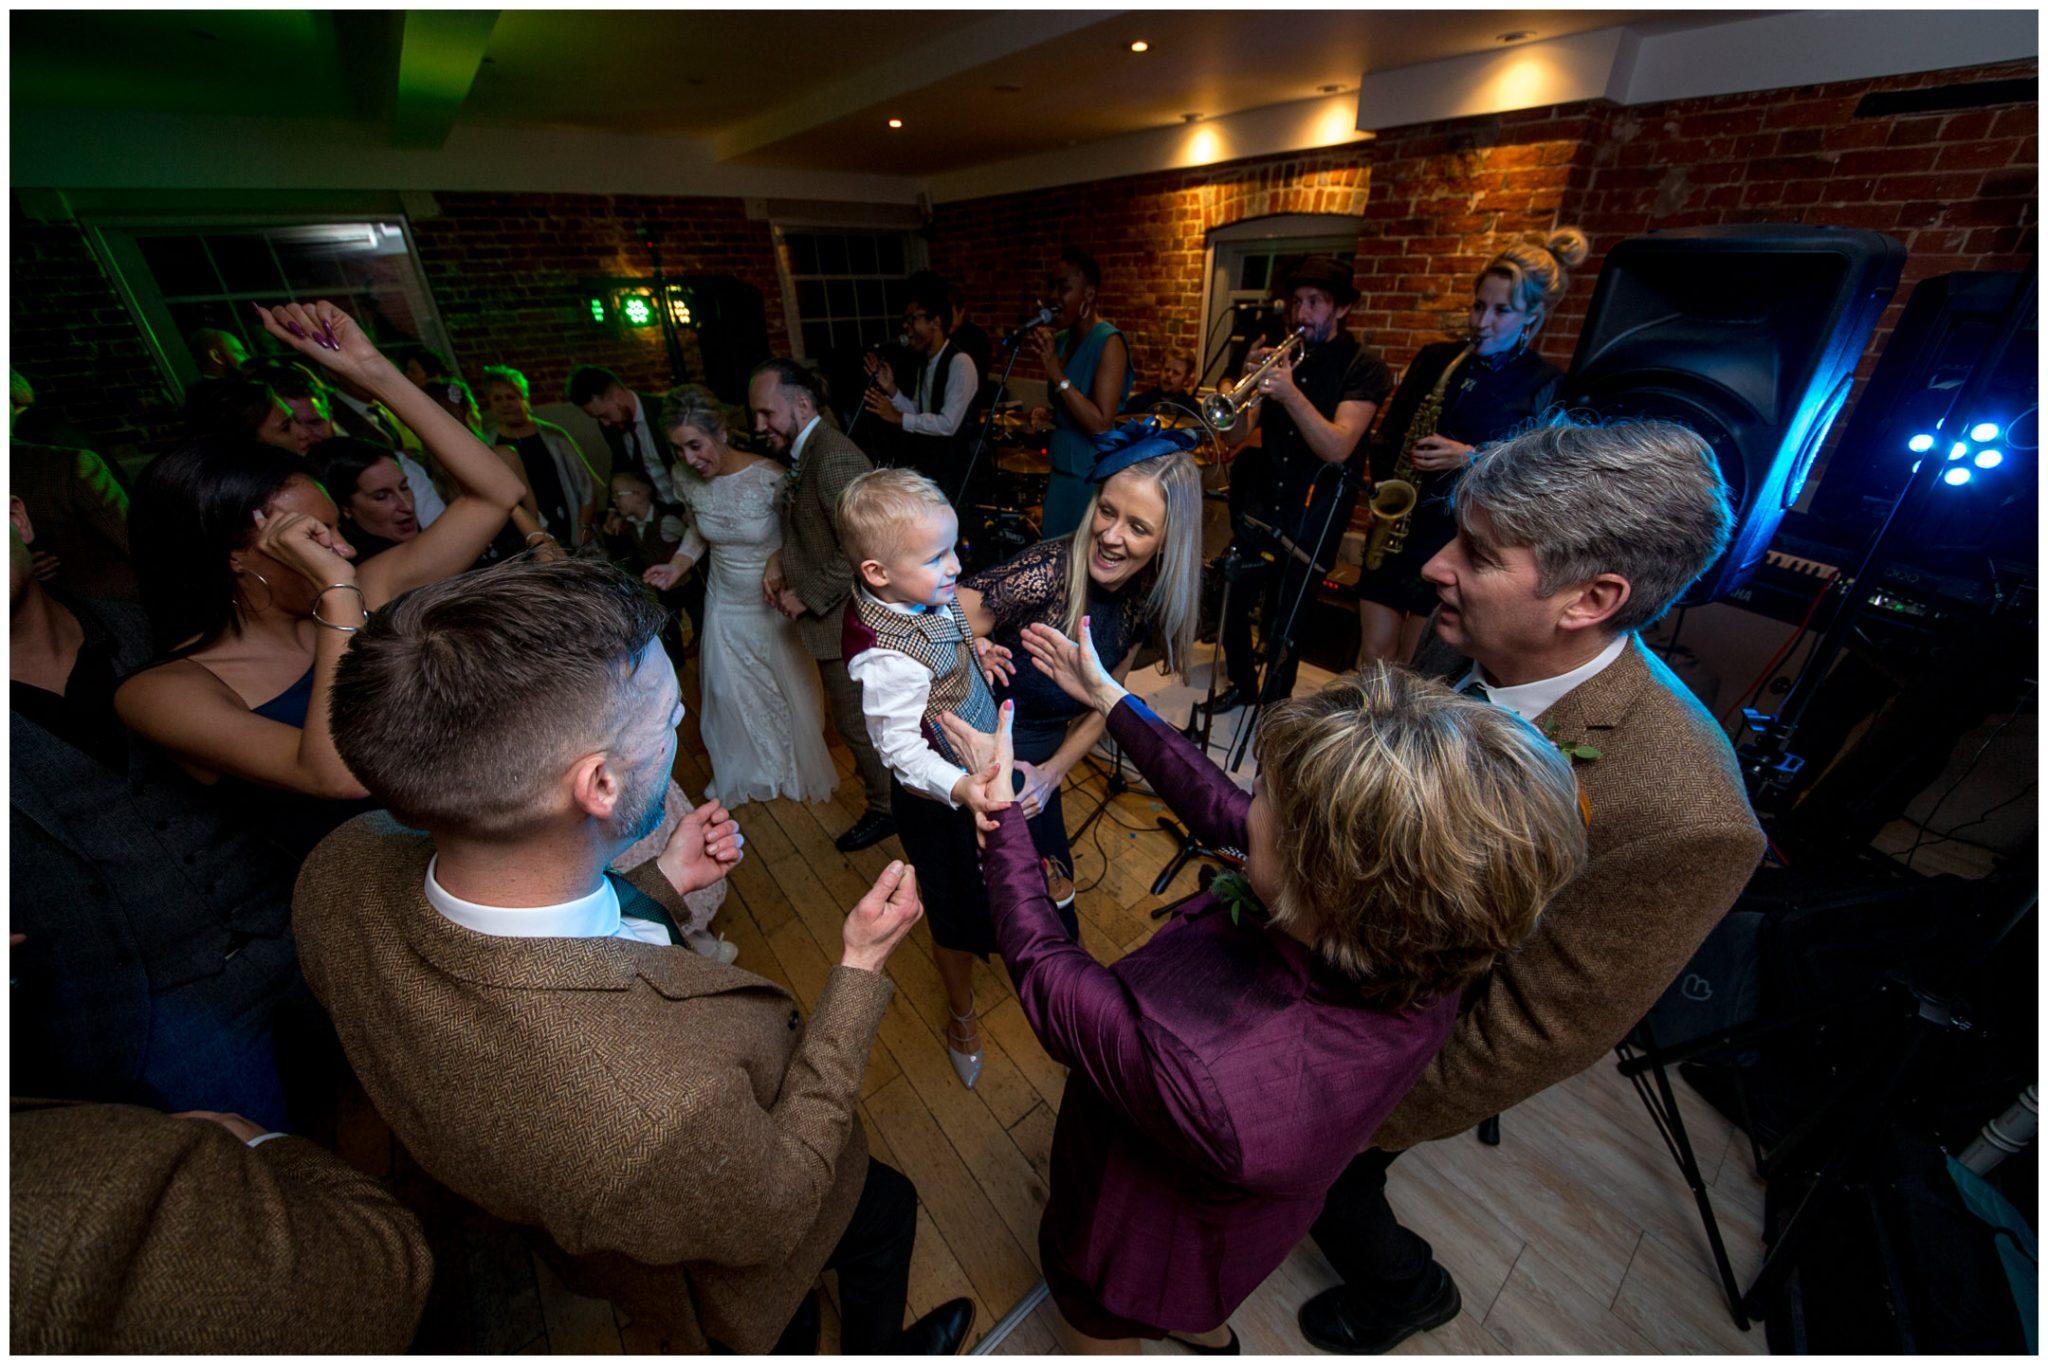 Guests crowd the dancefloor